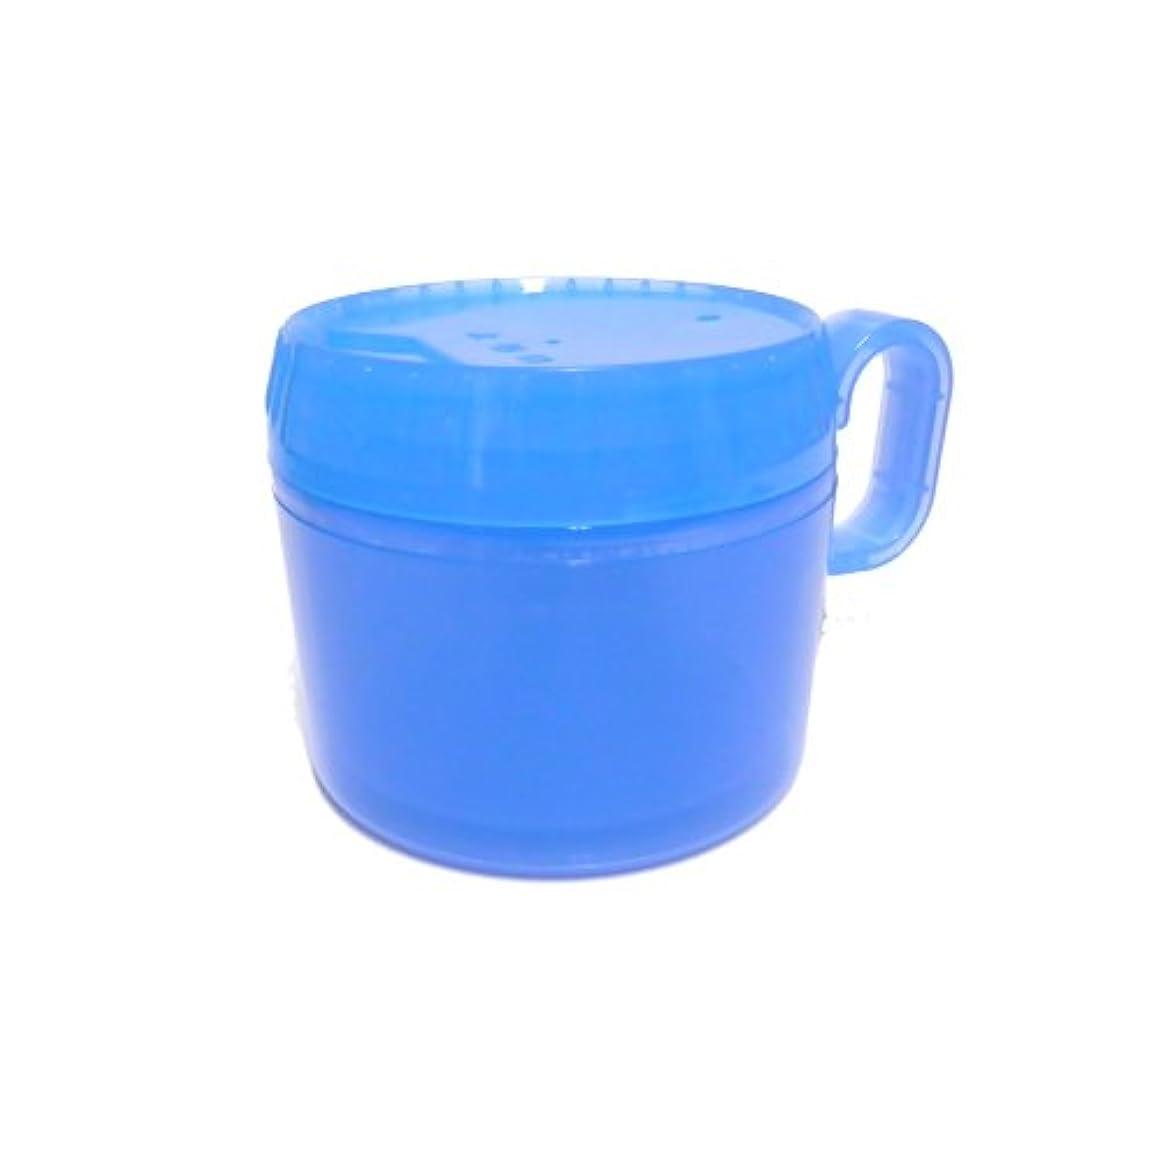 ずるいクラフト限定ニッシン フィジオ クリーン キラリ 入れ歯 保温洗浄容器